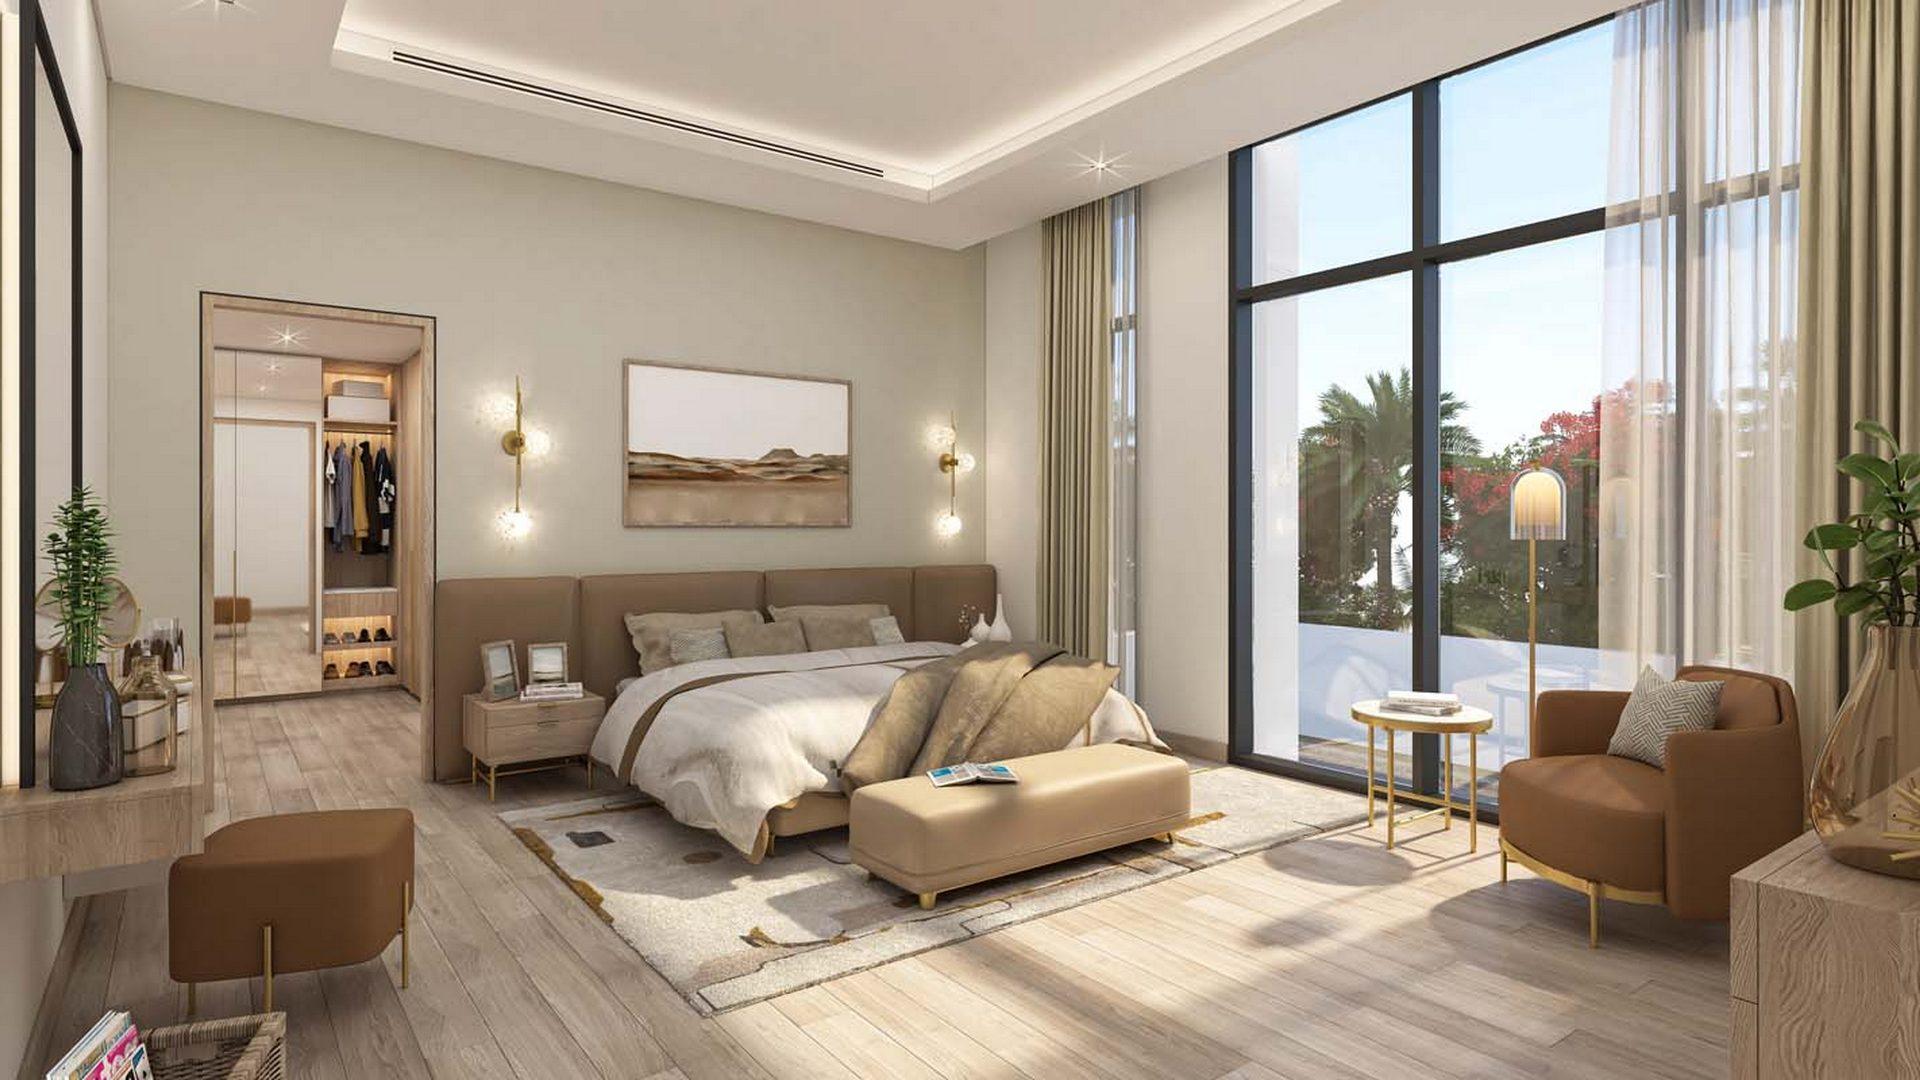 Adosado en venta en Dubai, EAU, 3 dormitorios, 224 m2, № 24533 – foto 5